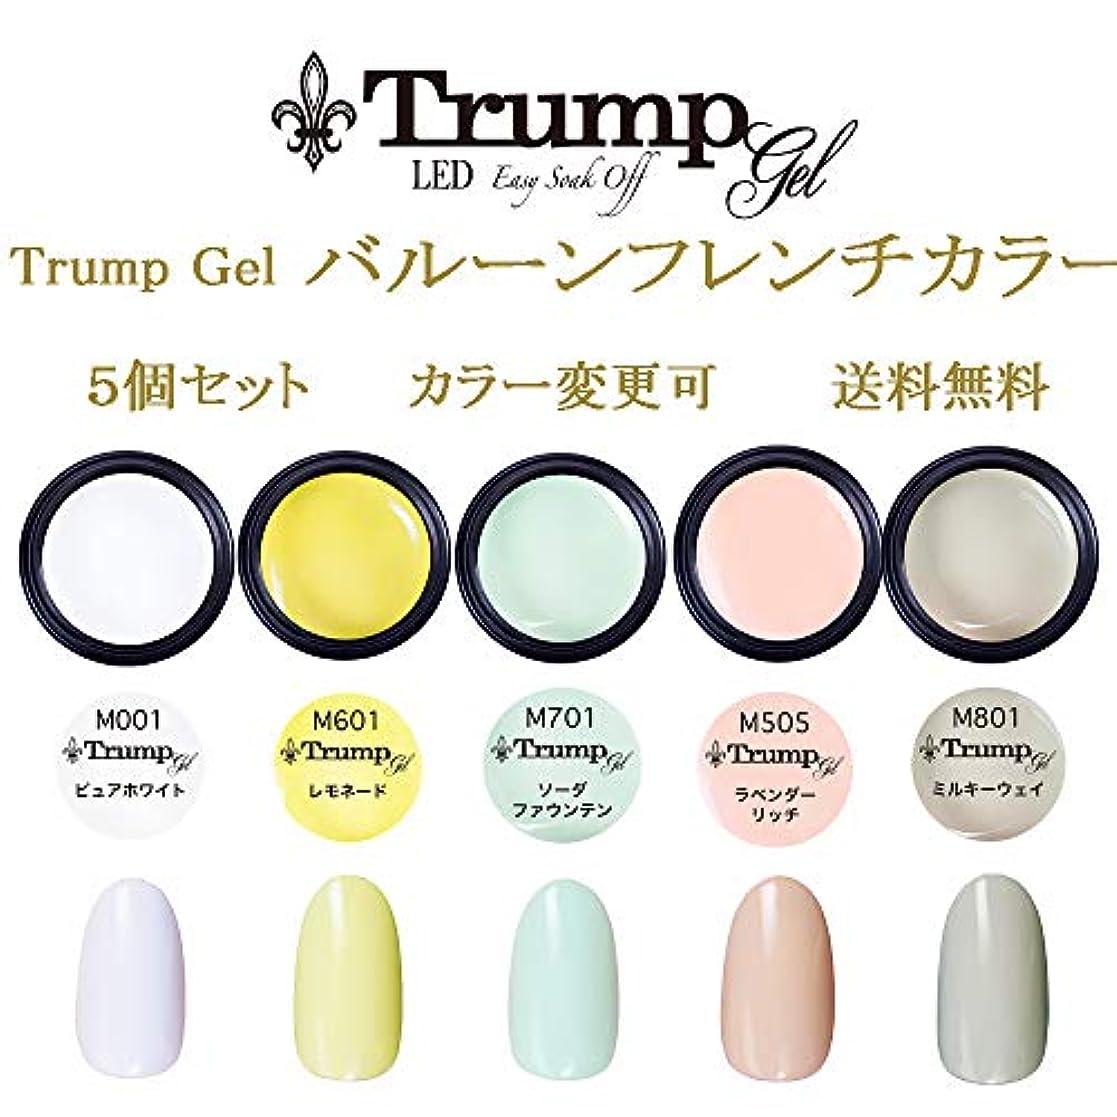 株式会社ギャラリー適応【送料無料】Trumpバルーンフレンチカラー 選べるカラージェル5個セット